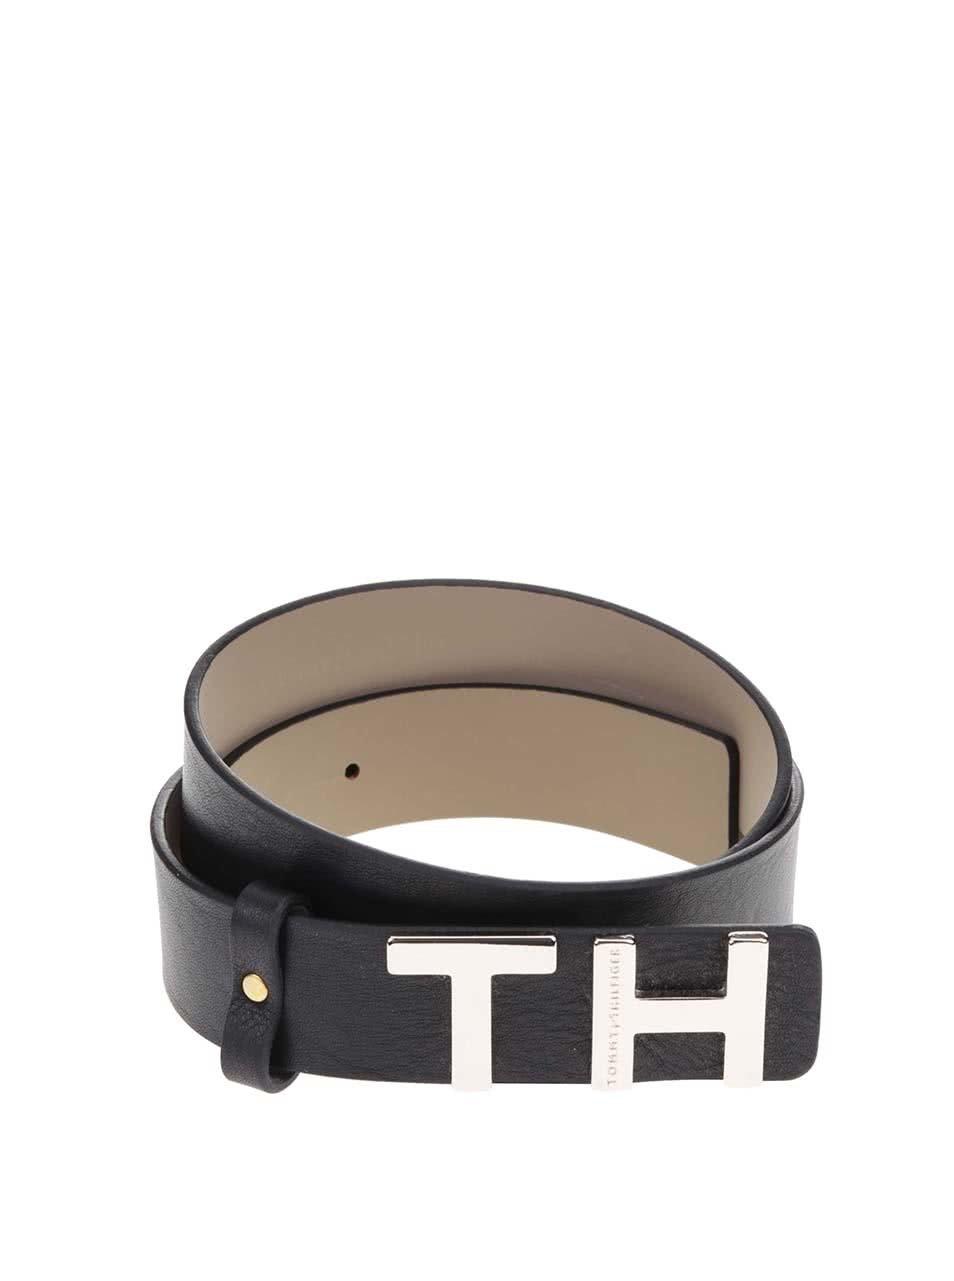 Čierny dámsky kožený opasok Tommy Hilfiger TH ... e7e82441b05